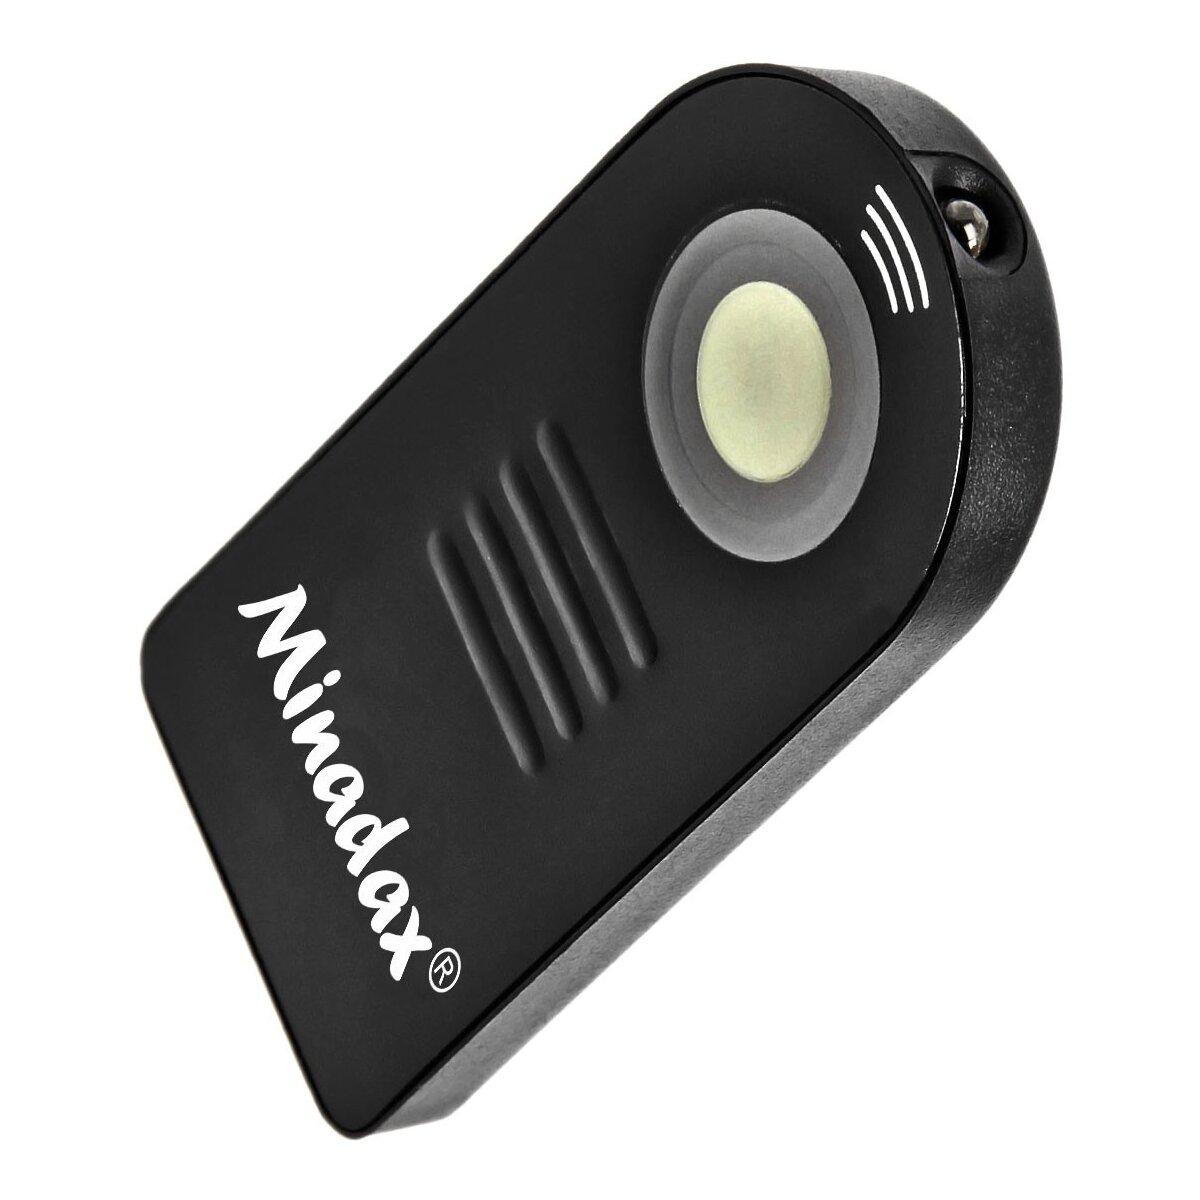 Infrarot Fernausloeser fuer Nikon D7000, D5300, D5100, D5000, D3000, D610, D600, D90, D80, D70s, D70, D60, D50, D40x, D40, Coolpix 8400, 8800, P6000, P7700 wie ML-L3 MLL3